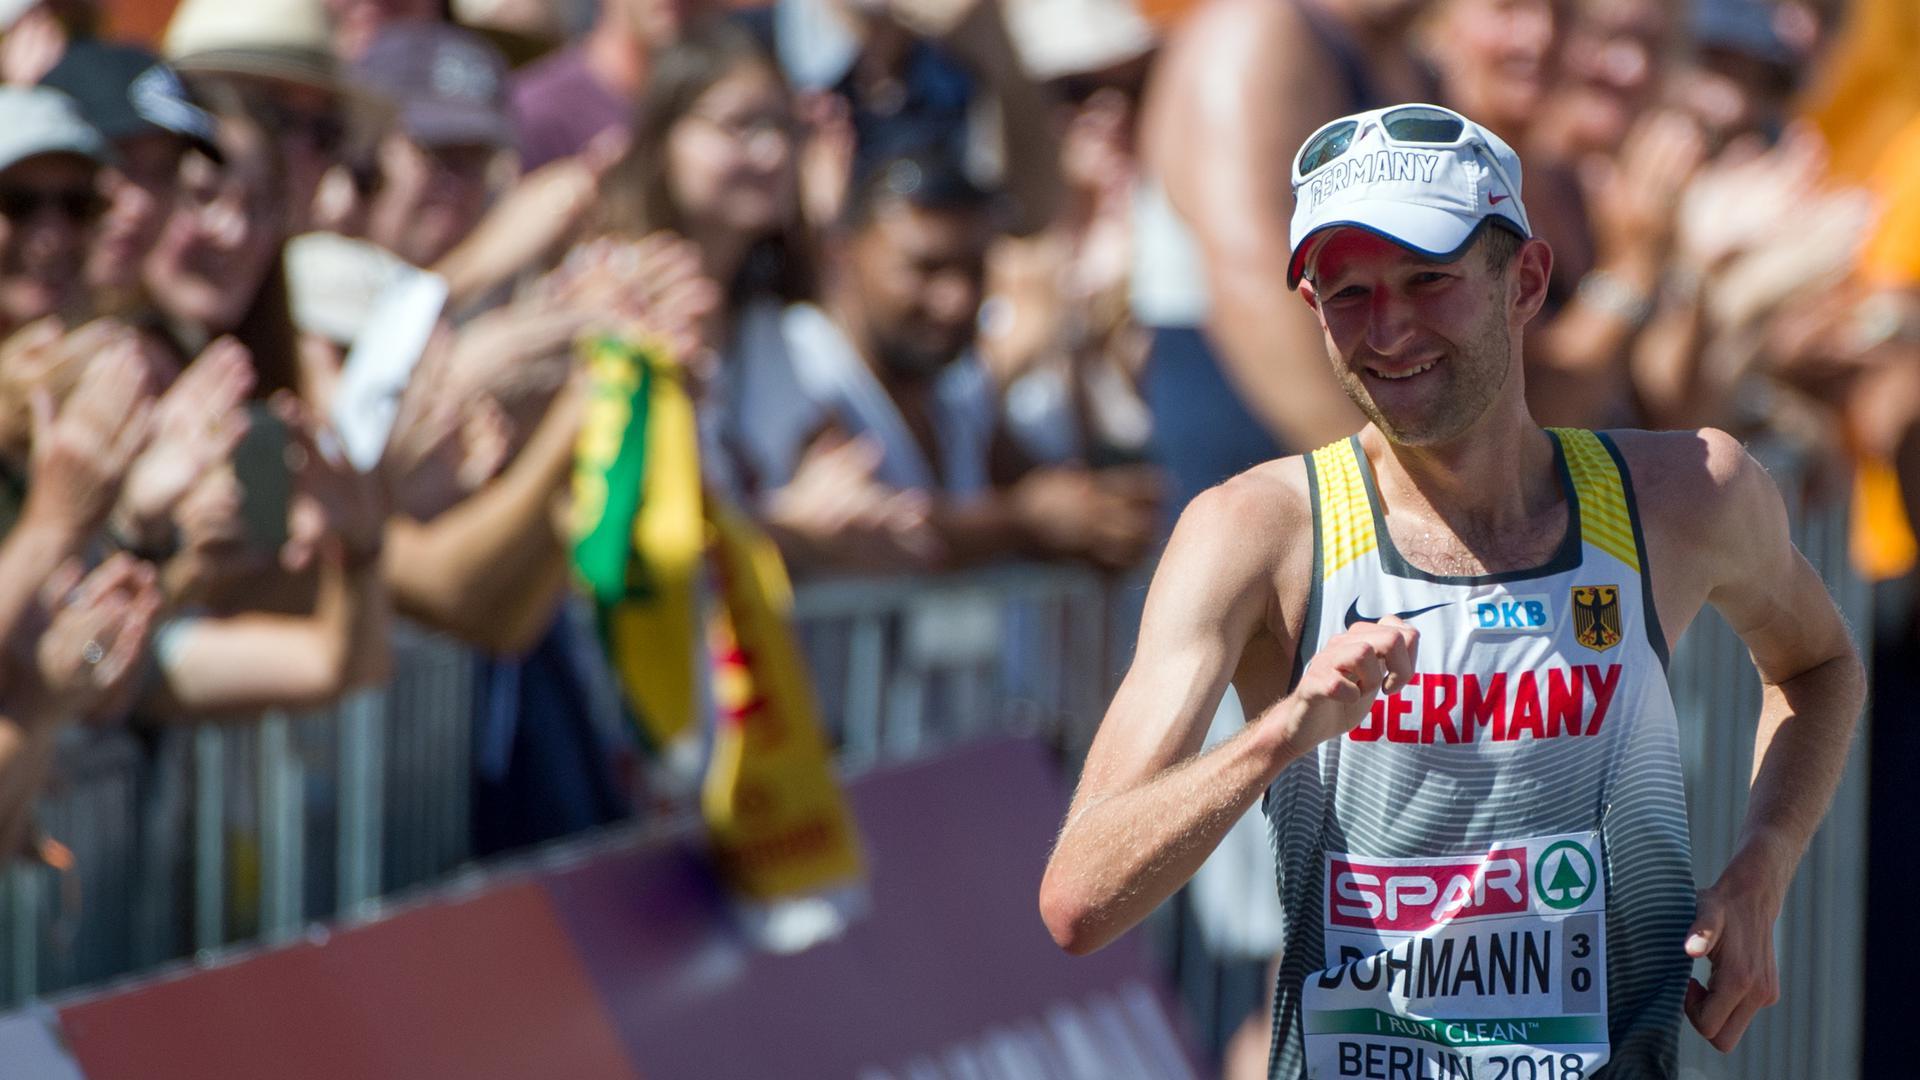 Leichtathletik, Europameisterschaft, 50 km Gehen, Männer, Frauen: Carl Dohmann aus Deutschland läuft ins Ziel ein.